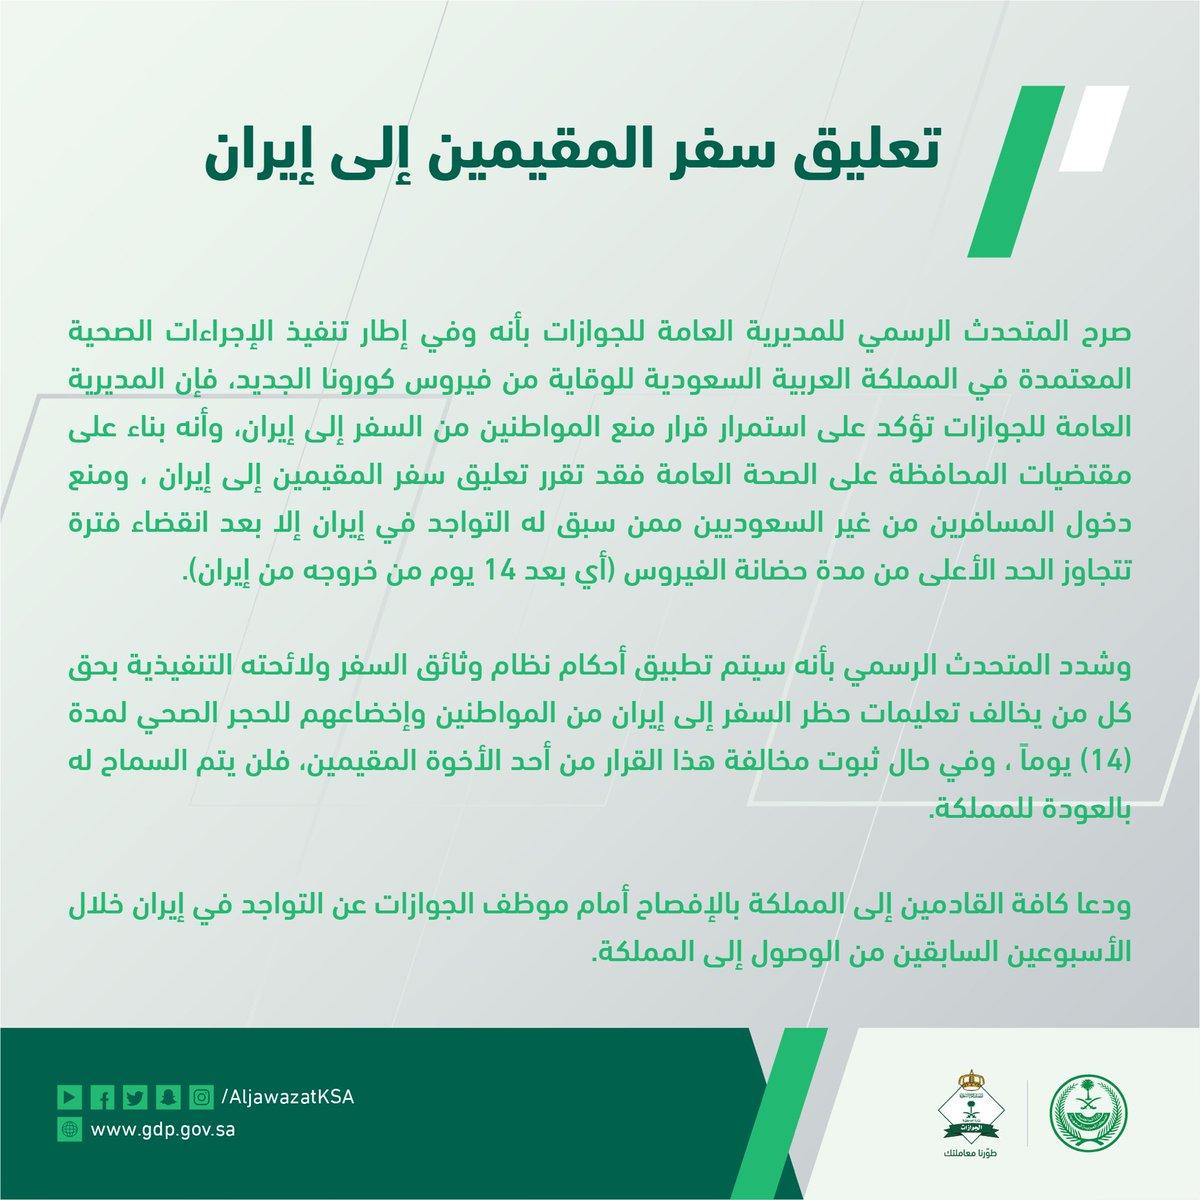 خبر عاجل On Twitter عاجل السعودية تؤكد على استمرار قرار منع المواطنين من السفر إلى إيران وتقرر تعليق سفر المقيمين إلى إيران ومنع دخول المسافرين من غير